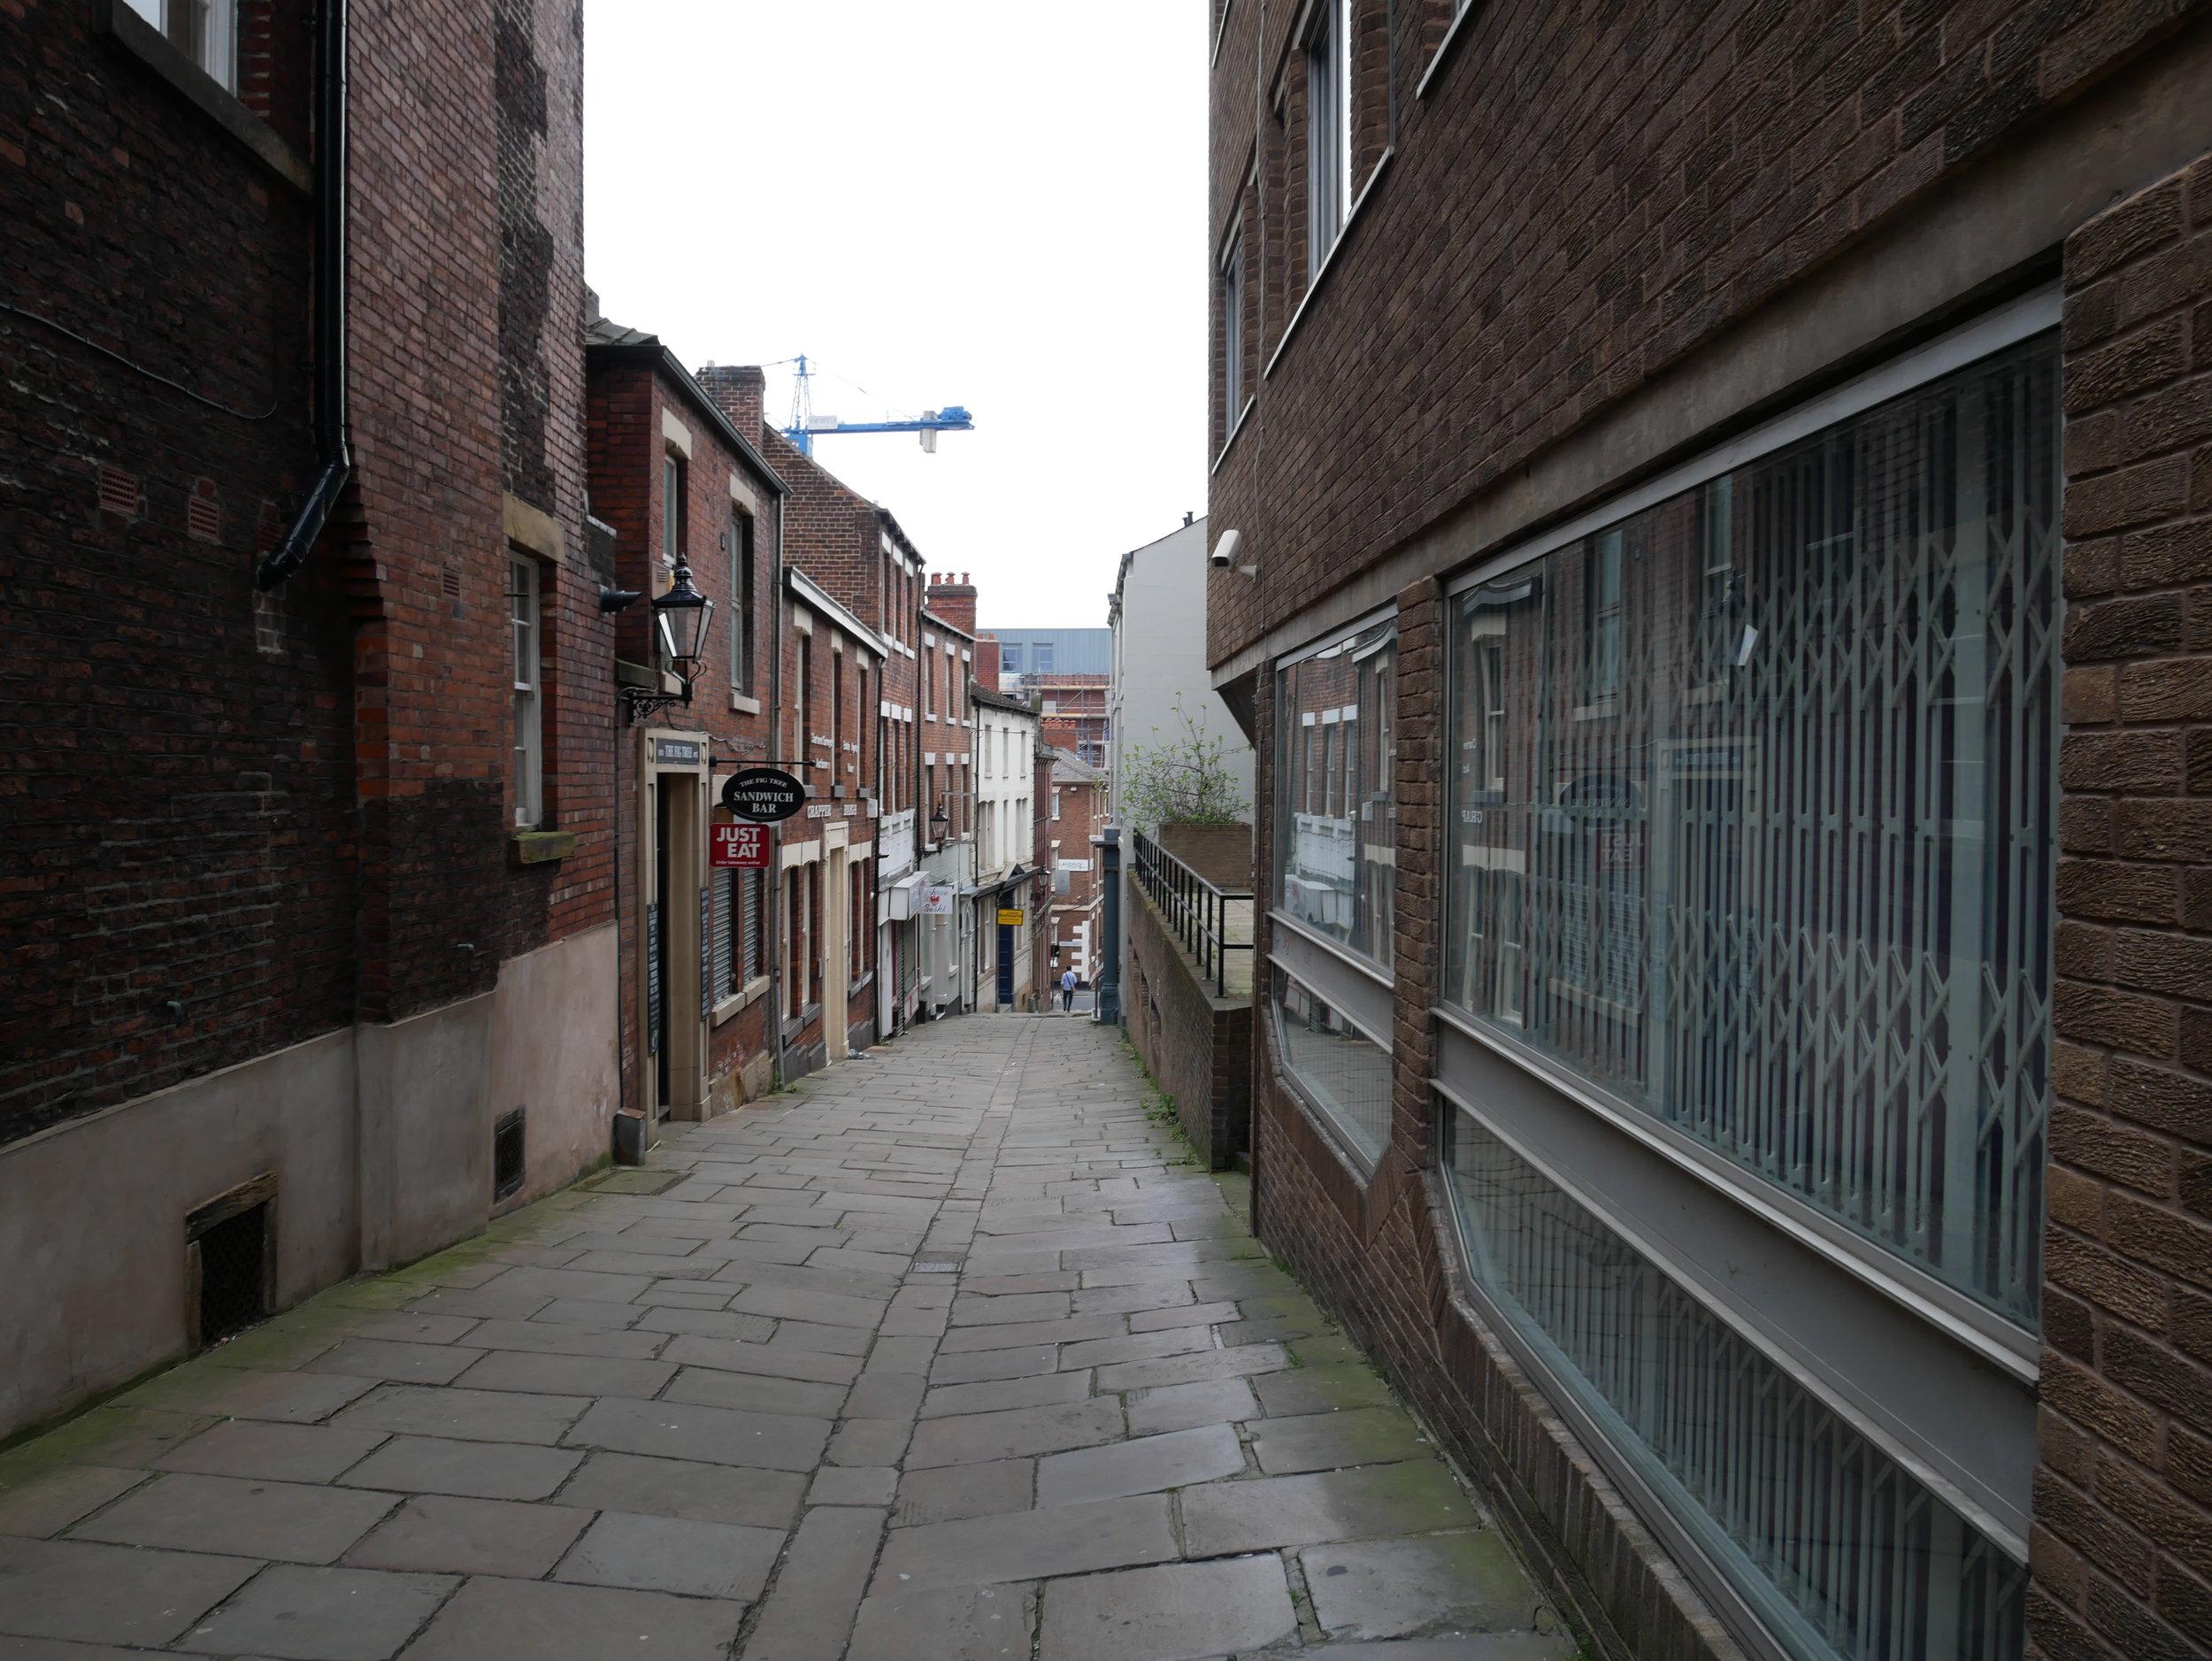 Jag gillar smala gator som lutar. Det finns jämförelsevis få av dem i Sheffield, men jag såg till att testgå åtminstone några av dem.